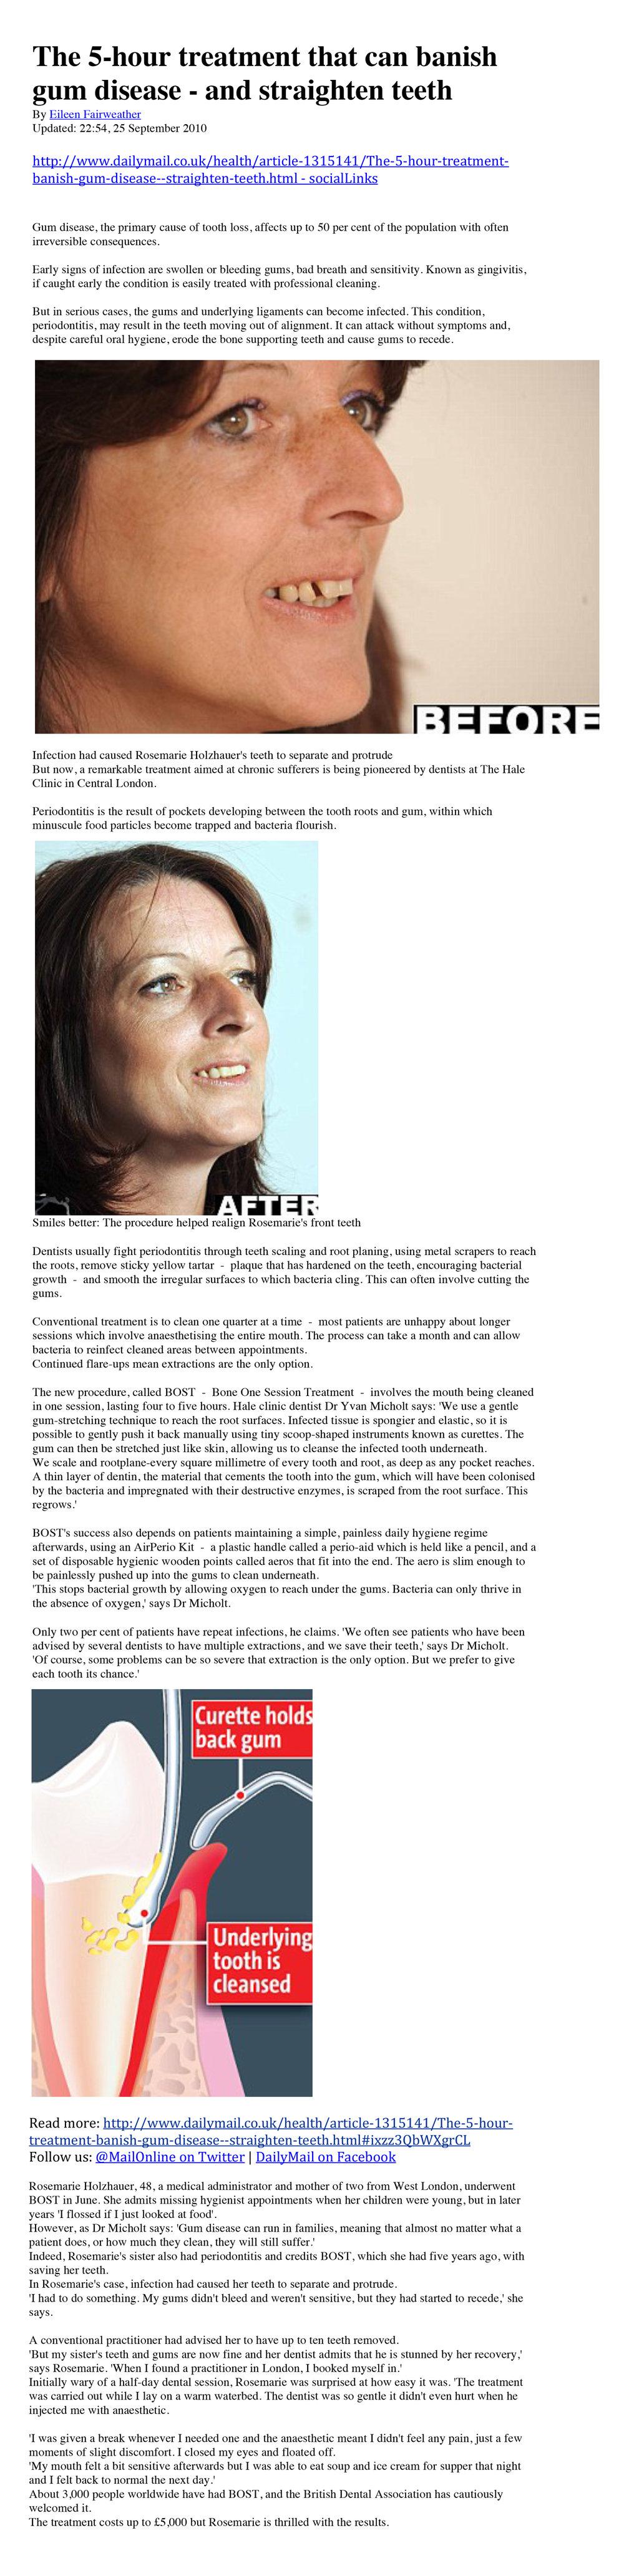 2010+Daily+Mail.jpeg